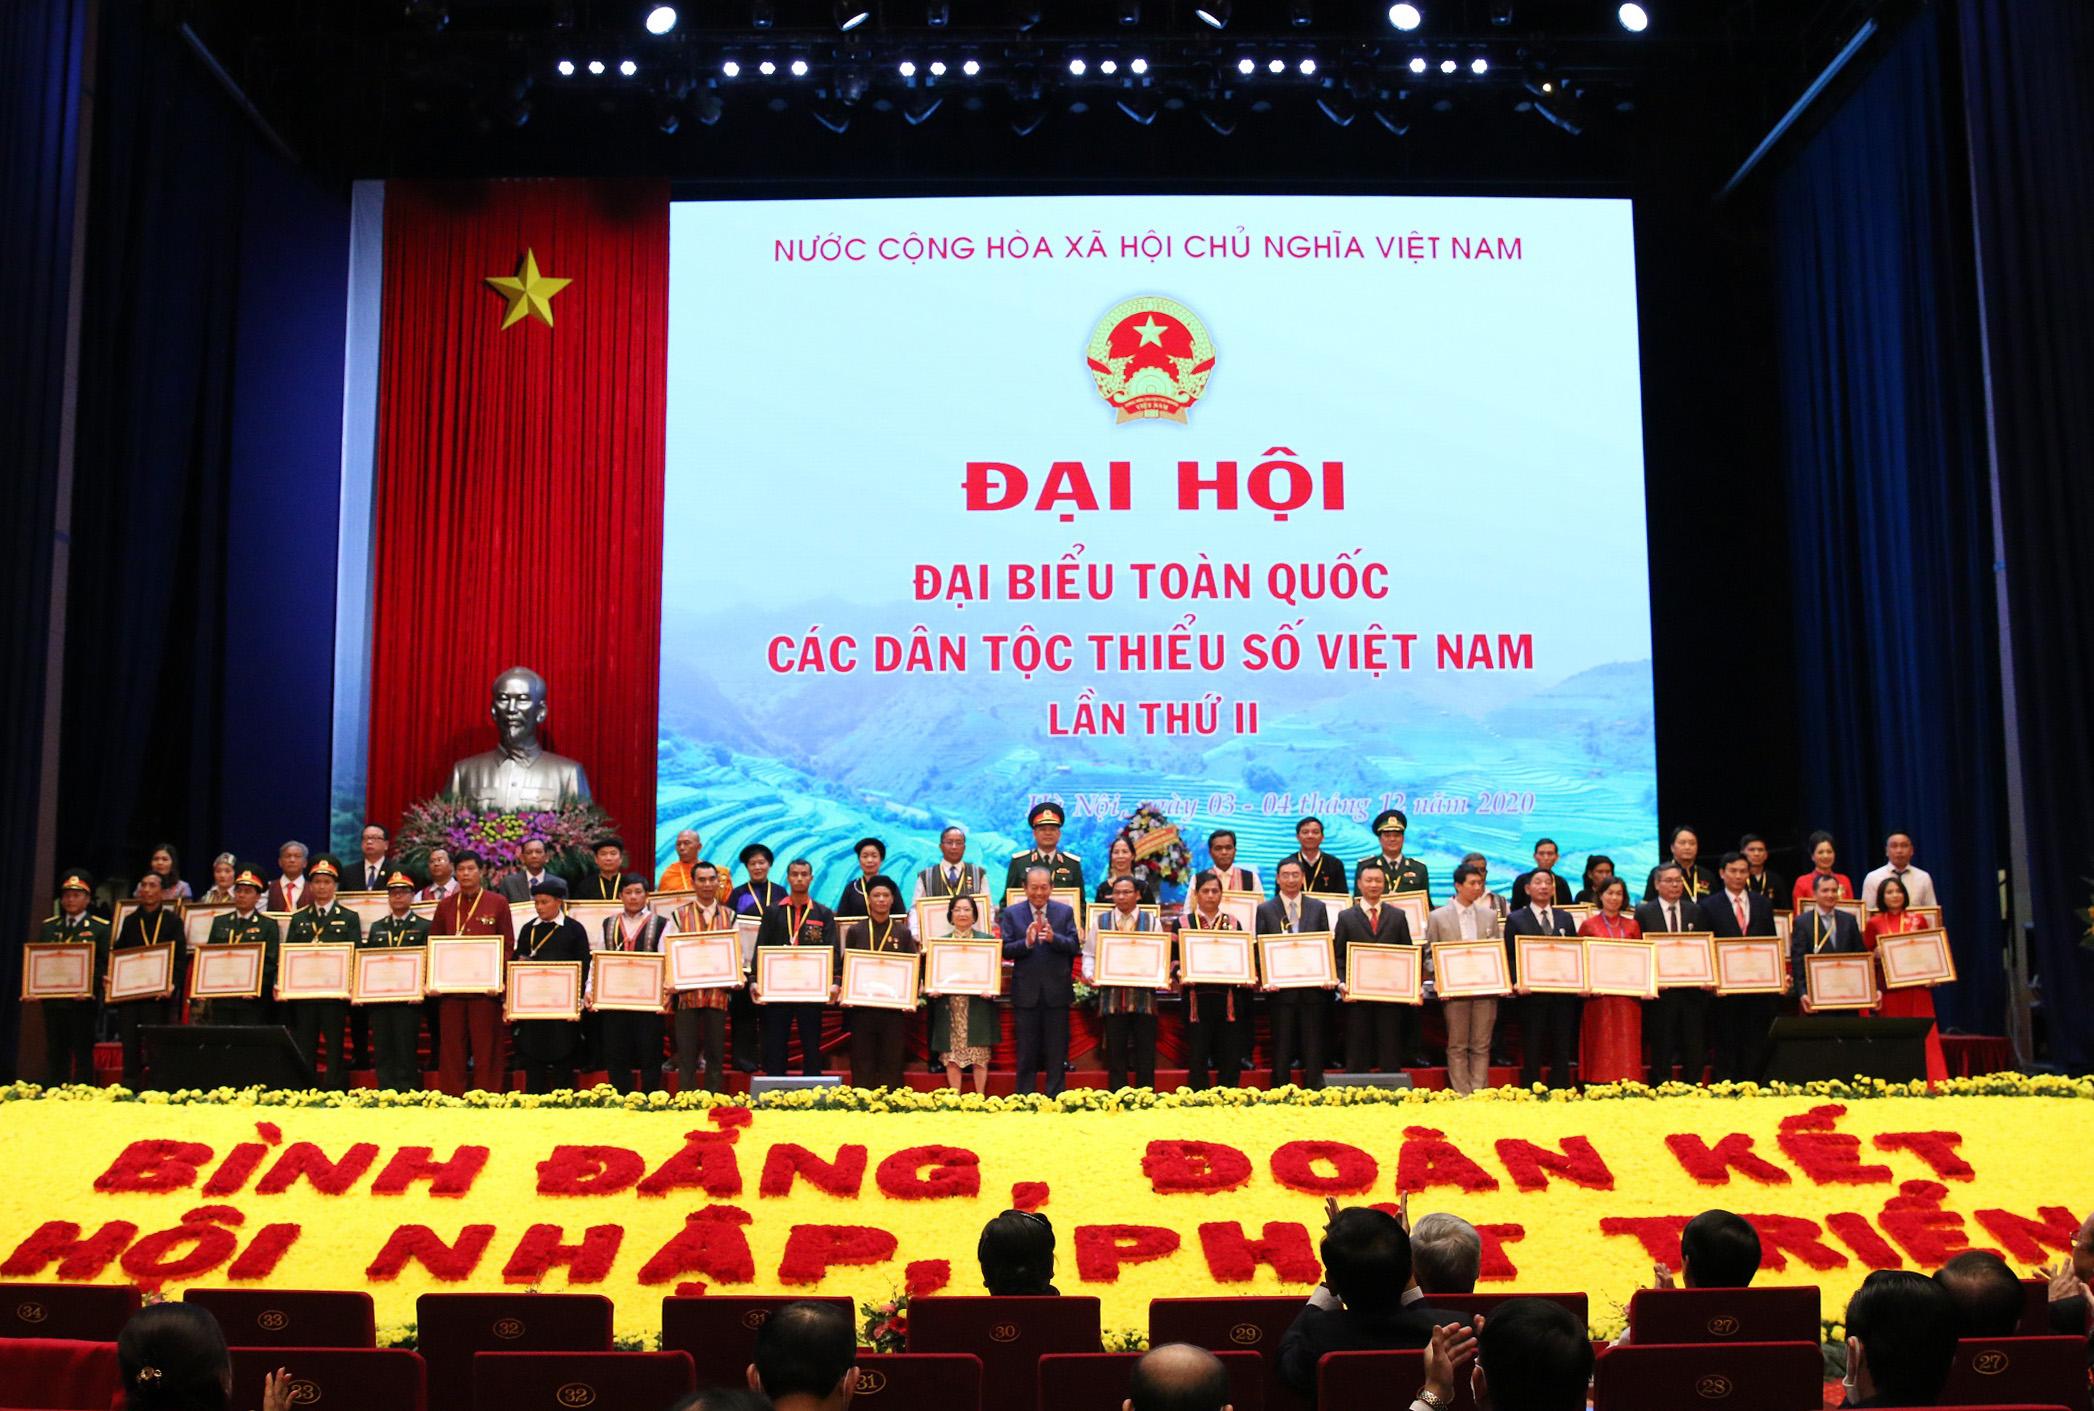 Phó Thủ tướng Thường trực Chính phủ Trương Hòa Bình trao Bằng khen của Thủ tướng Chính phủ cho các tập thể, cá nhân tiêu biểu